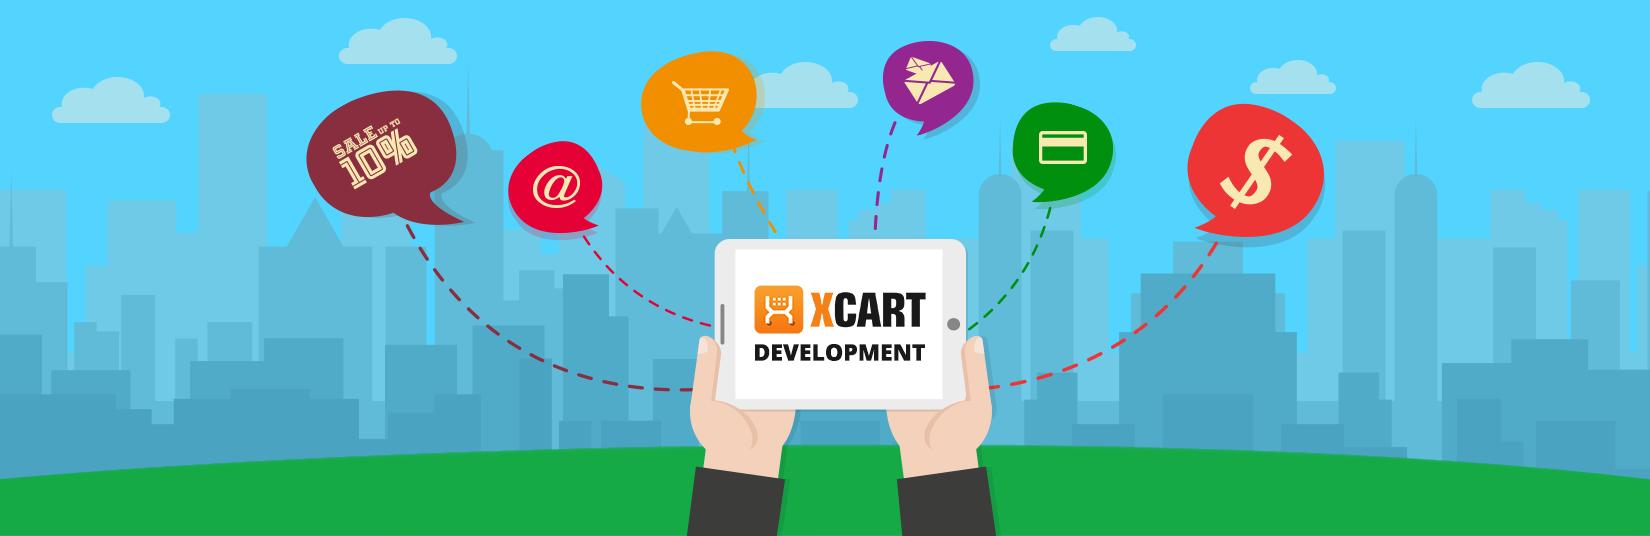 X-cart Development